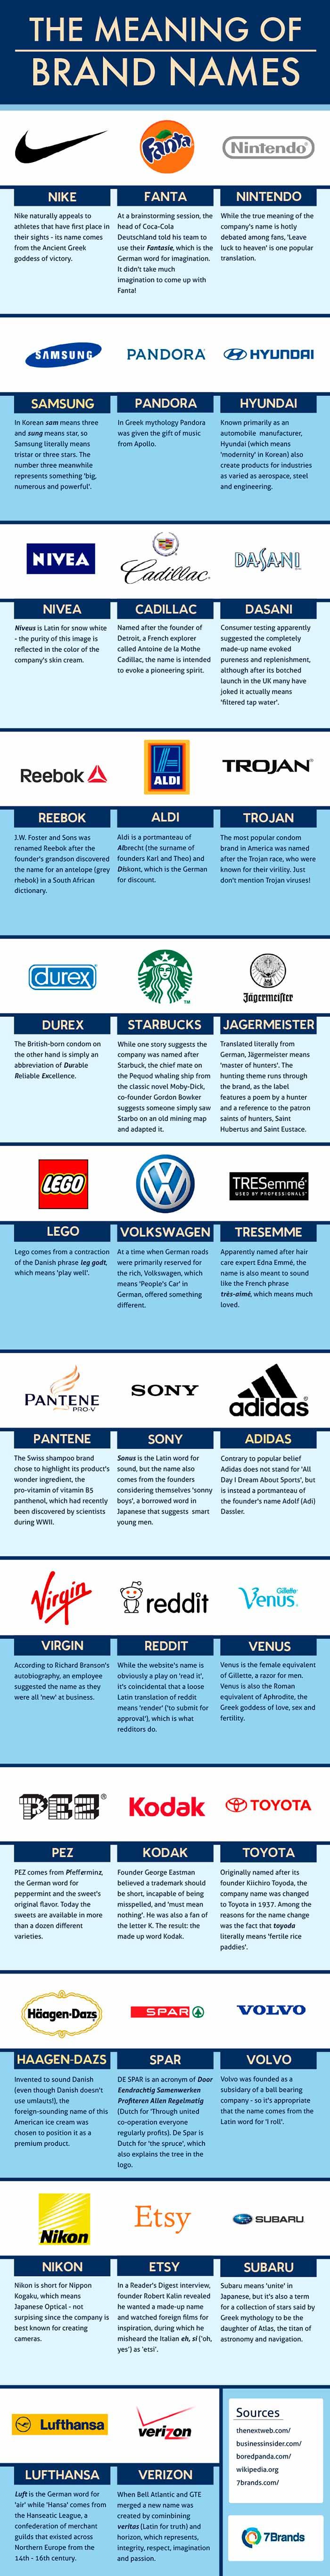 Infografia sobre el significado de los nombres de algunas marcas